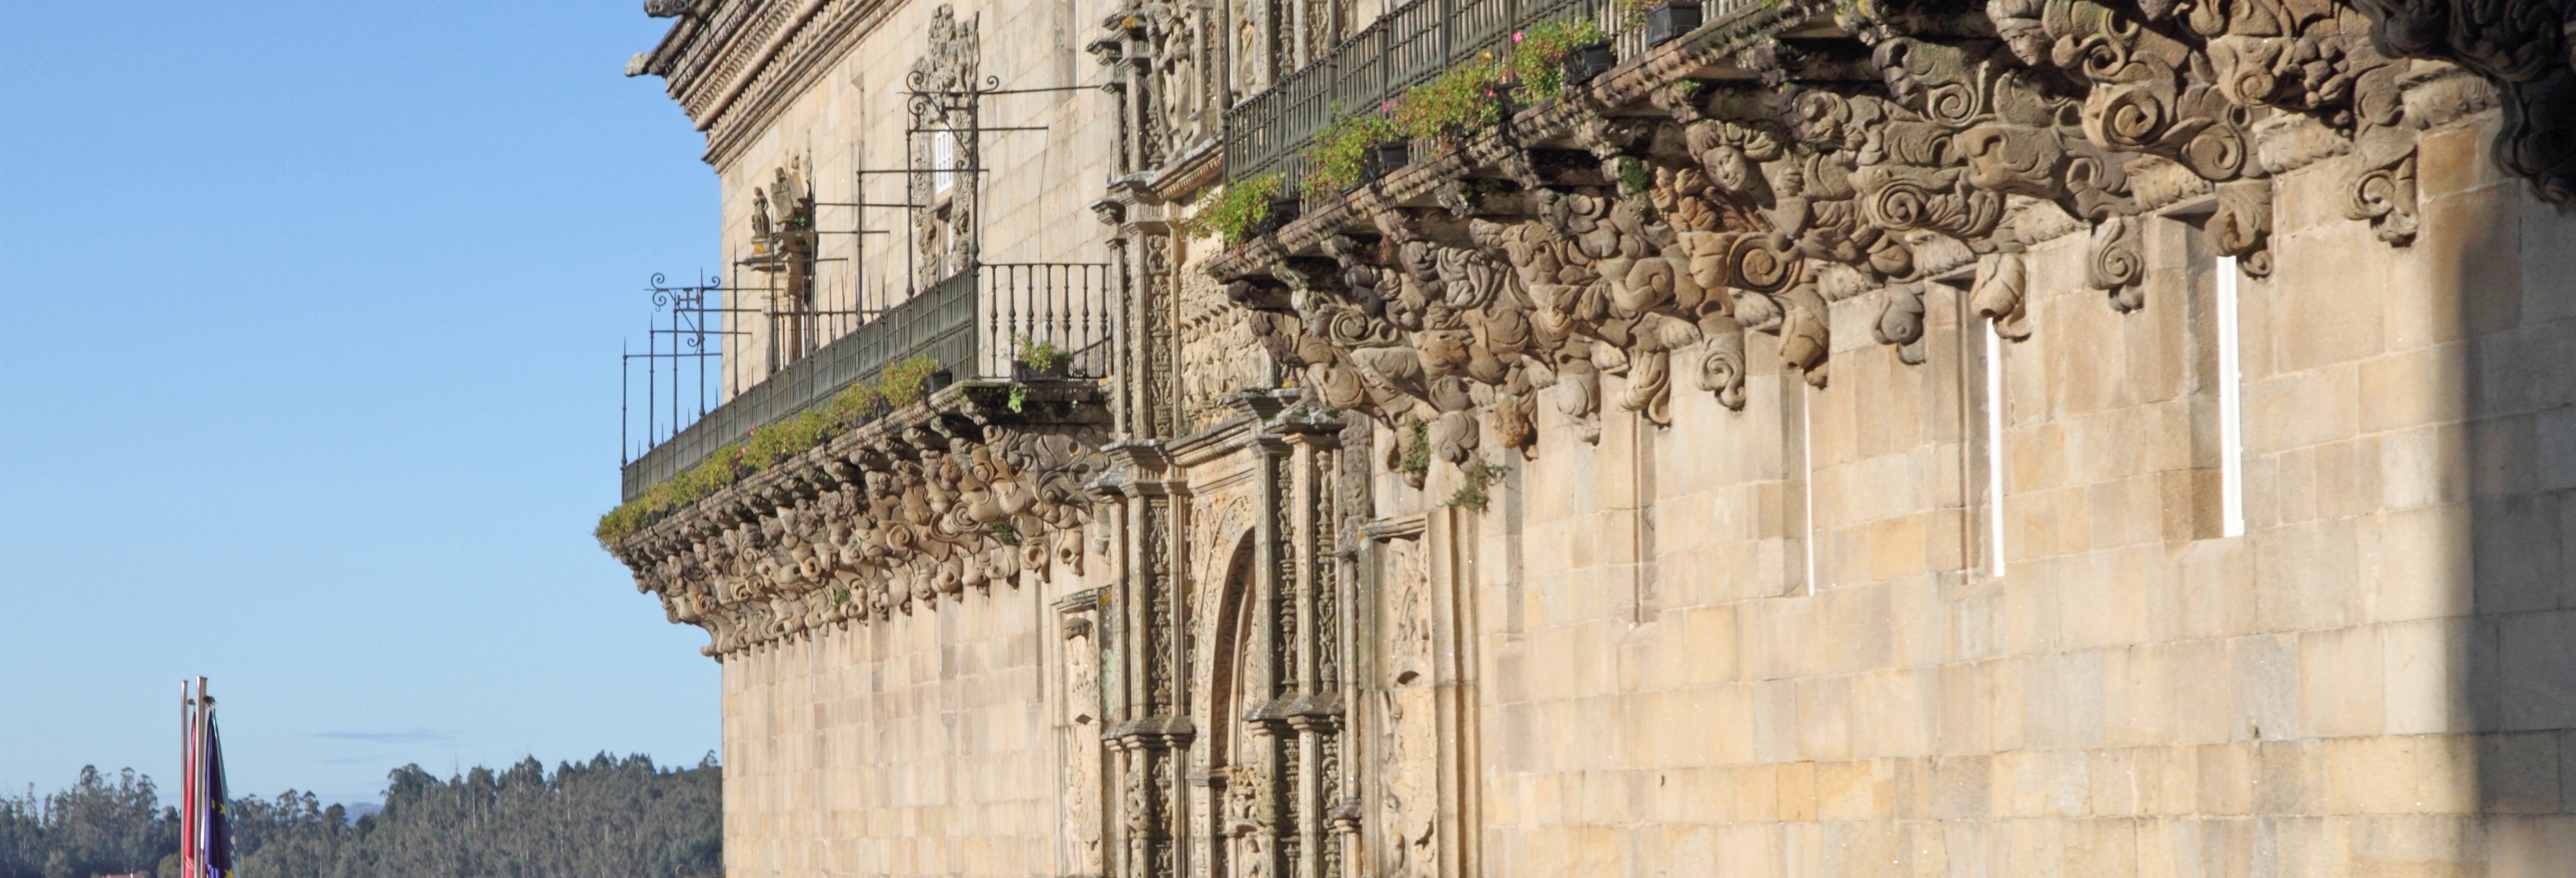 Hostal de Los Reyes Católicos Guided Tour